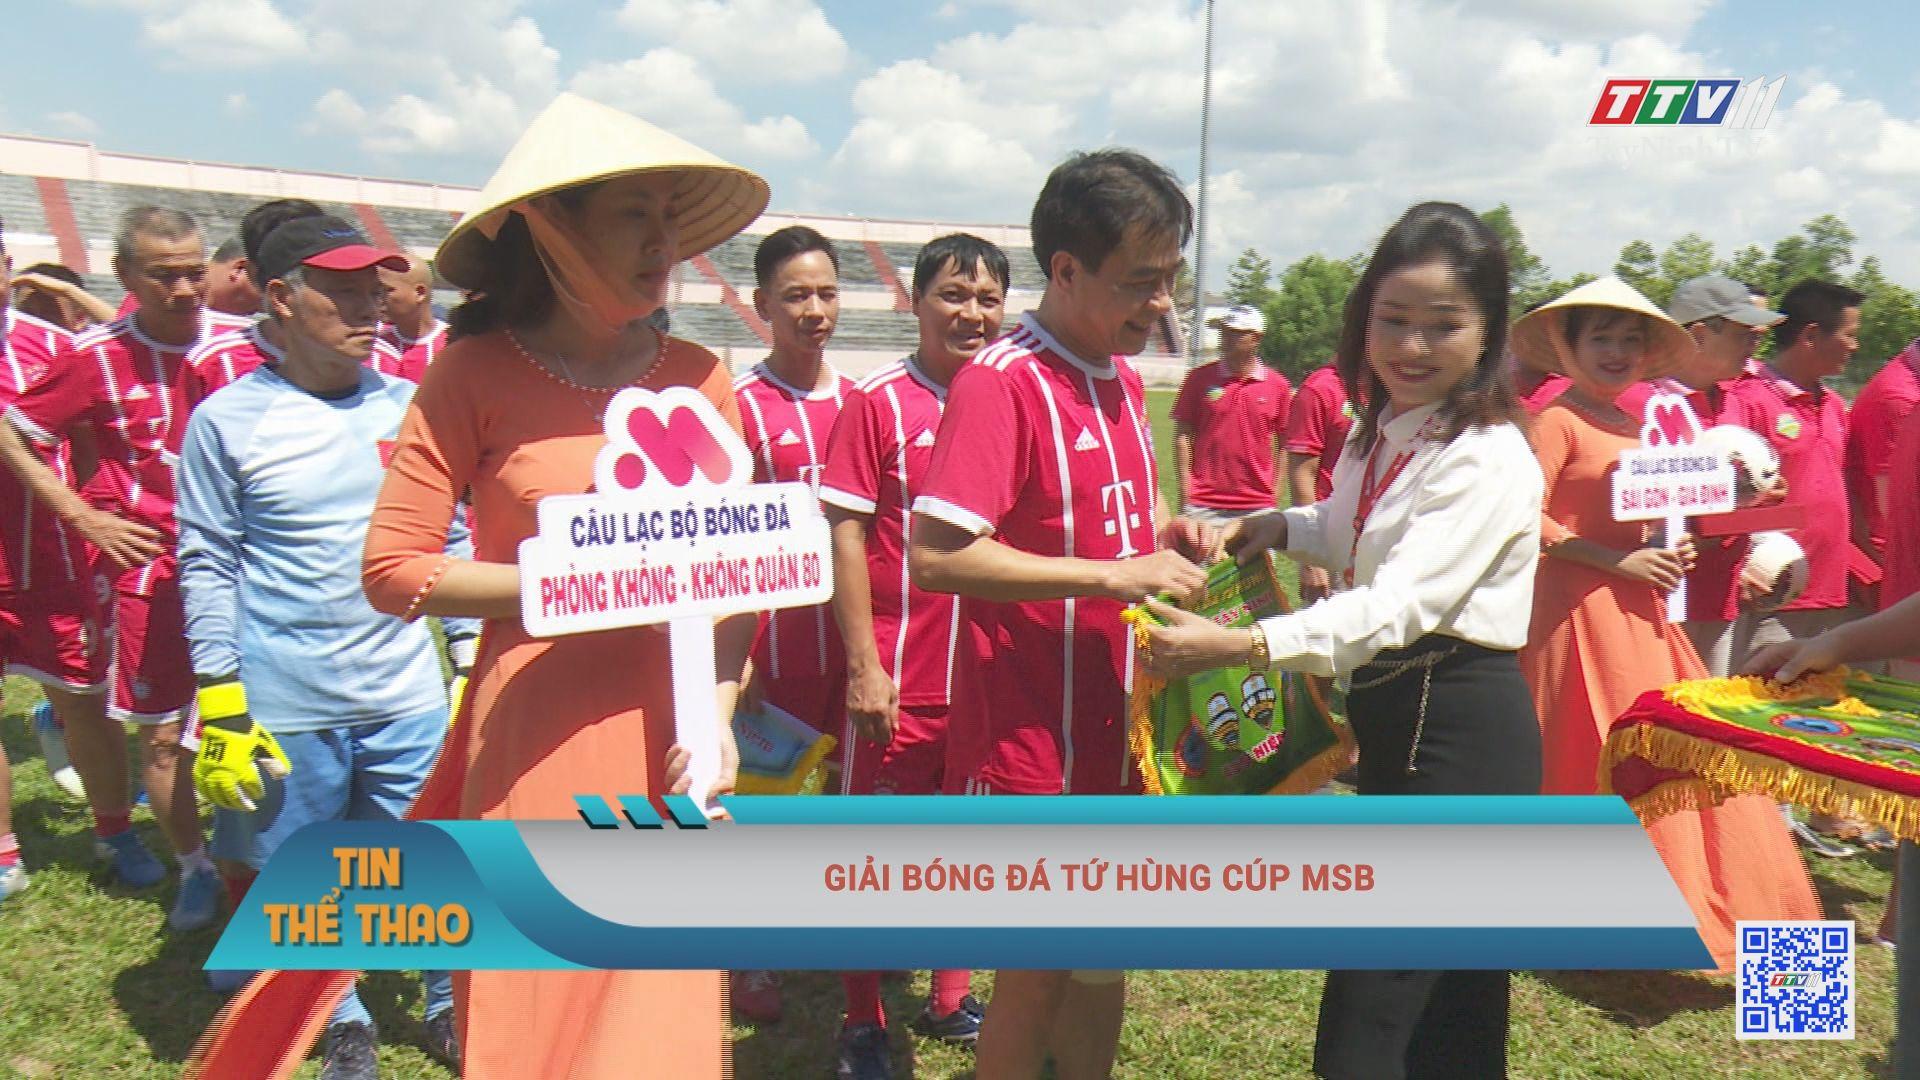 Giải bóng đá tứ hùng cúp MSB   BẢN TIN THỂ THAO   TayNinhTV